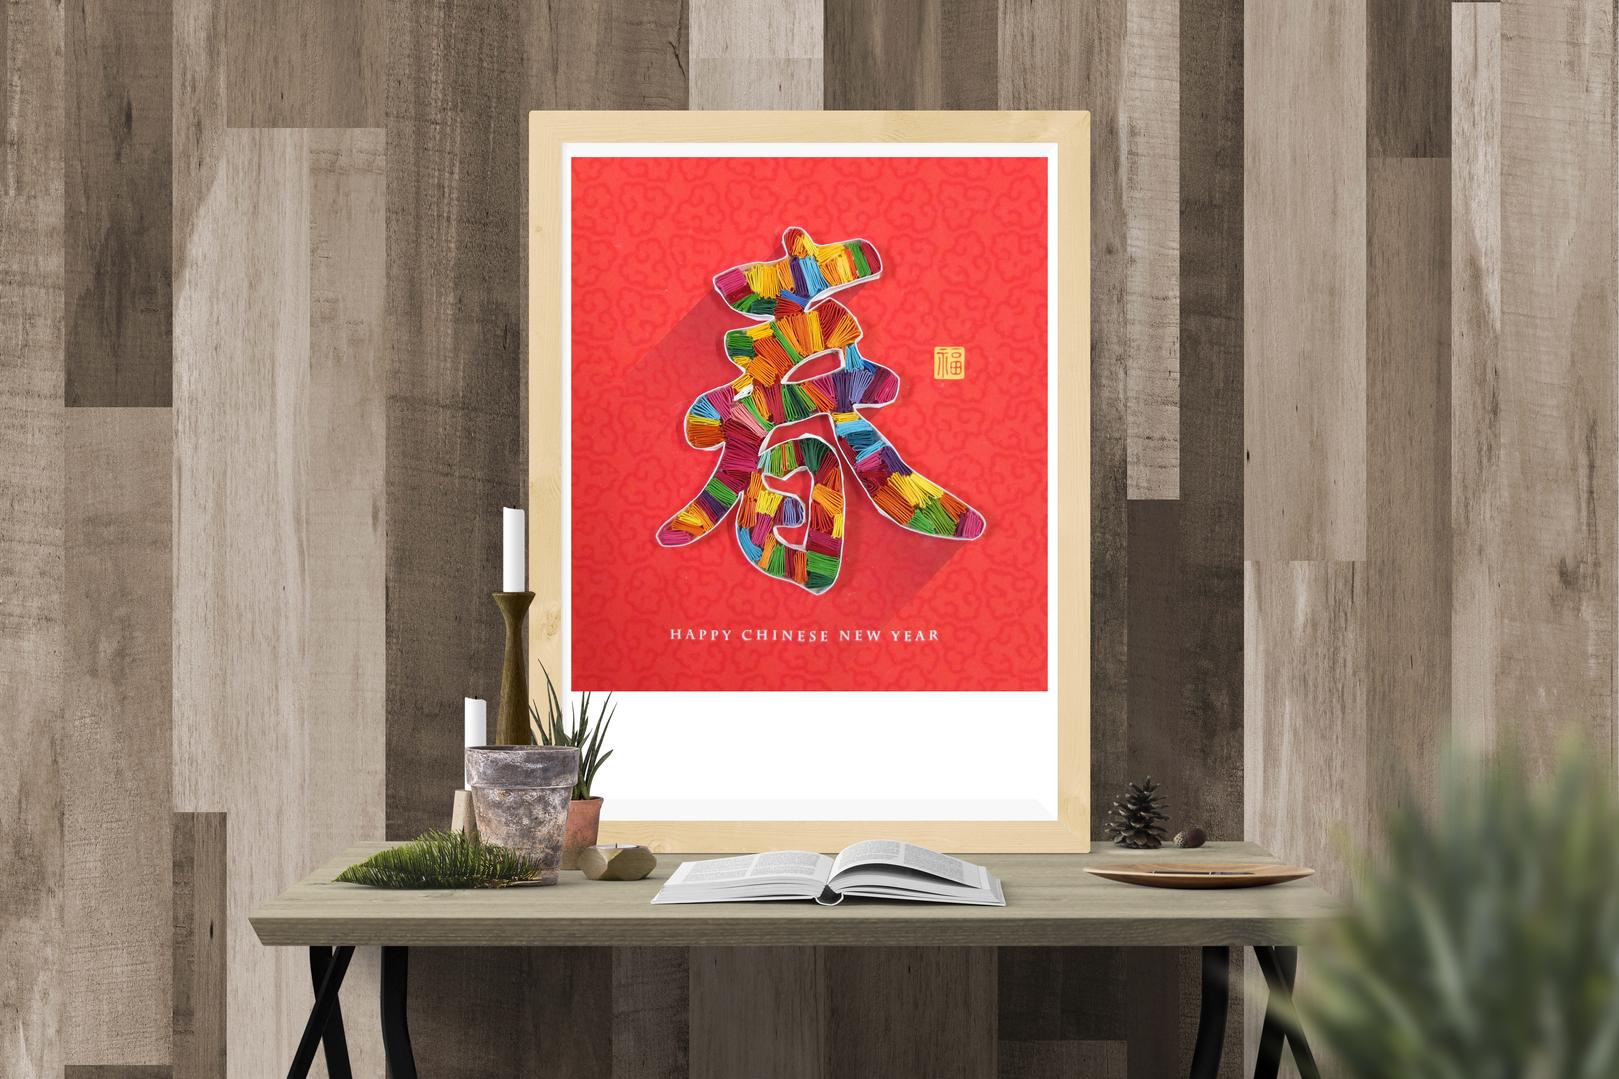 poster-mockup-2853856.png